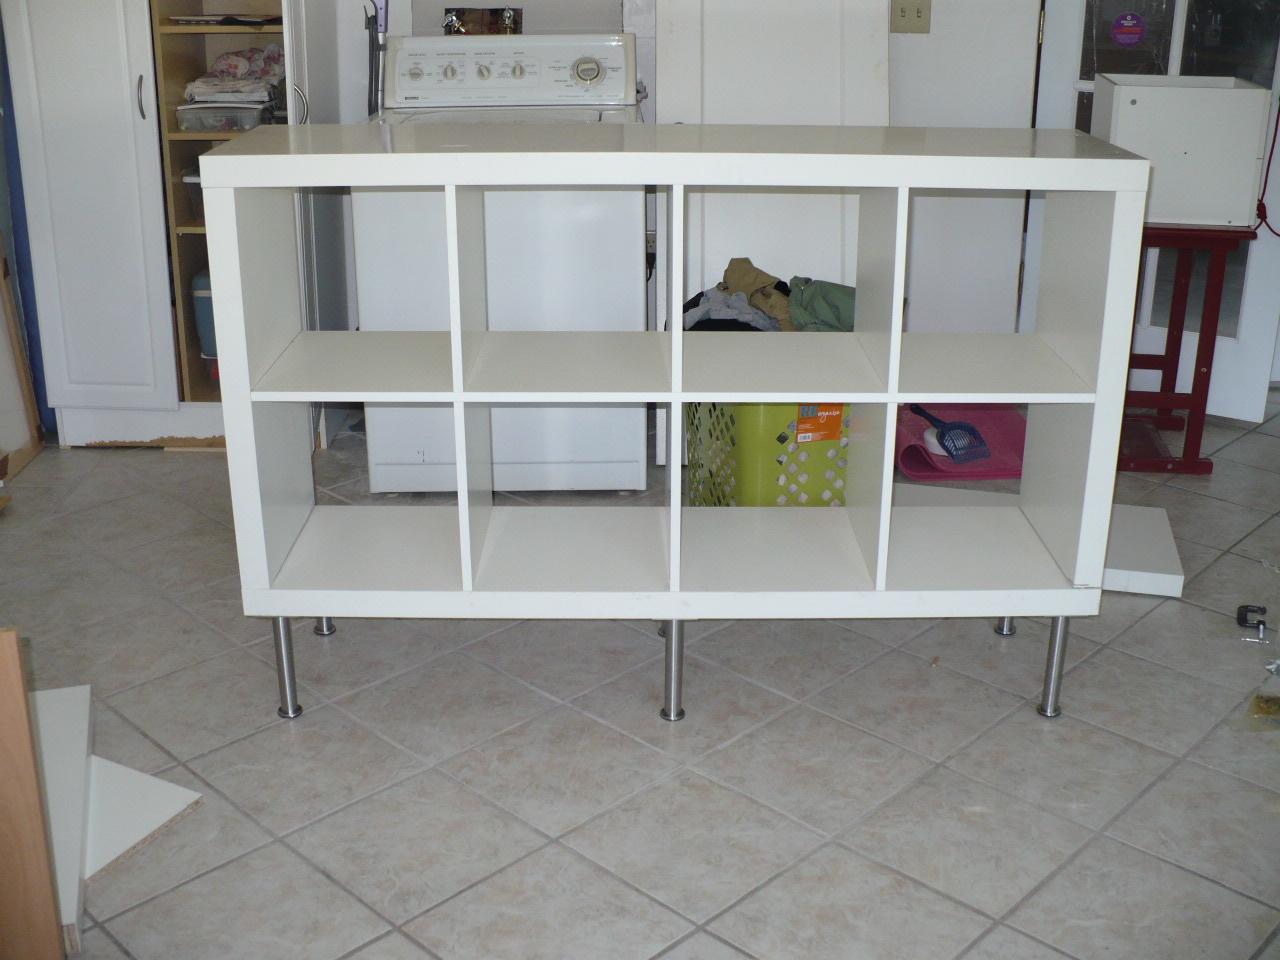 expedit ikea how to put together. Black Bedroom Furniture Sets. Home Design Ideas